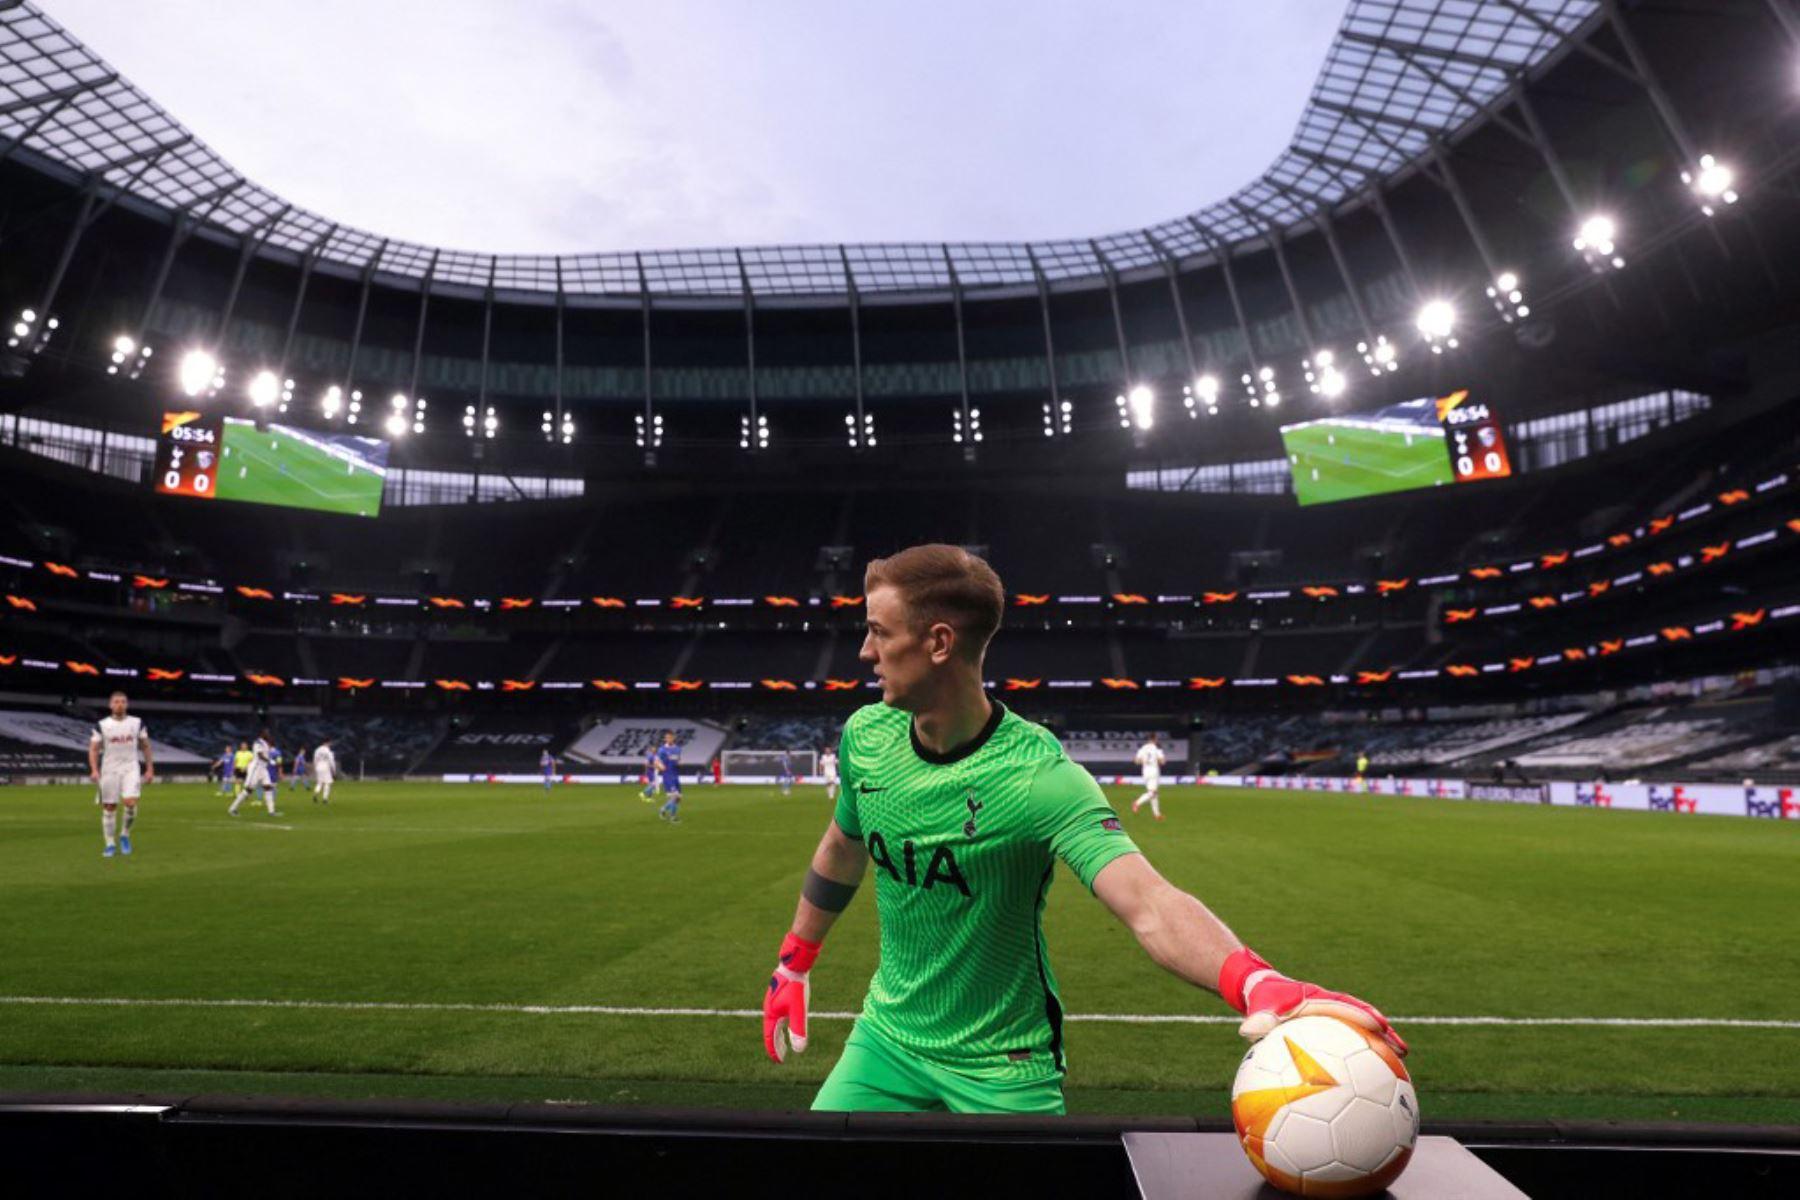 El portero inglés del Tottenham Hotspur, Joe Hart, agarra un balón desde el banquillo durante el partido de fútbol de los últimos 32 segundos de la UEFA Europa League entre Tottenham Hotspur y Wolfsberg en el Tottenham Hotspur Stadium de Londres  Foto:AFP